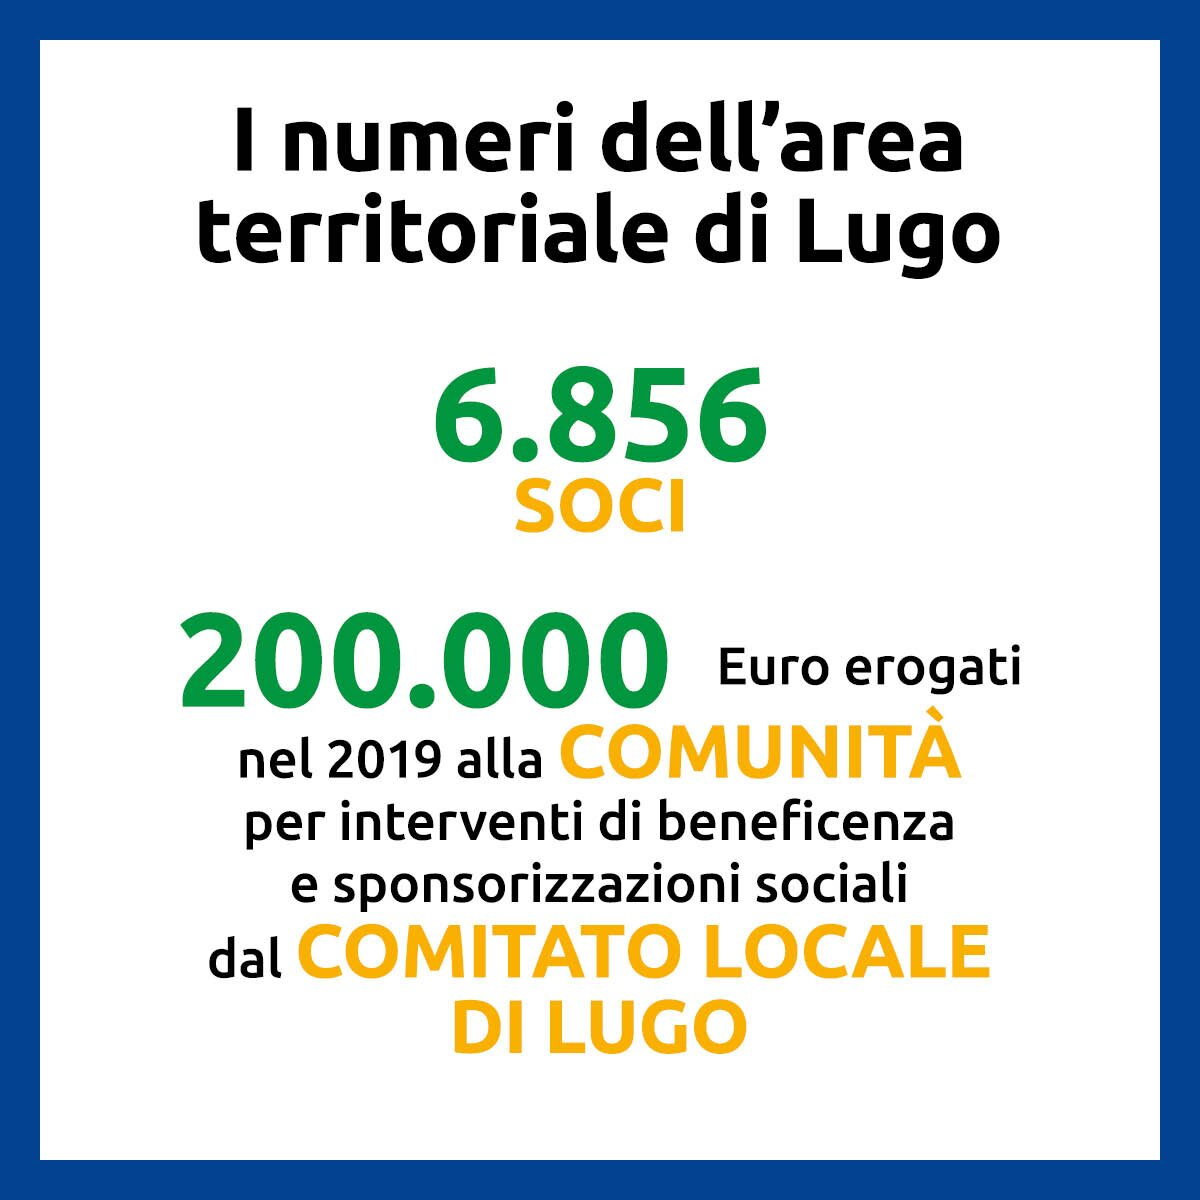 LA BCC ravennate forlivese e imolese, banca locale di Lugo e della Bassa Romagna